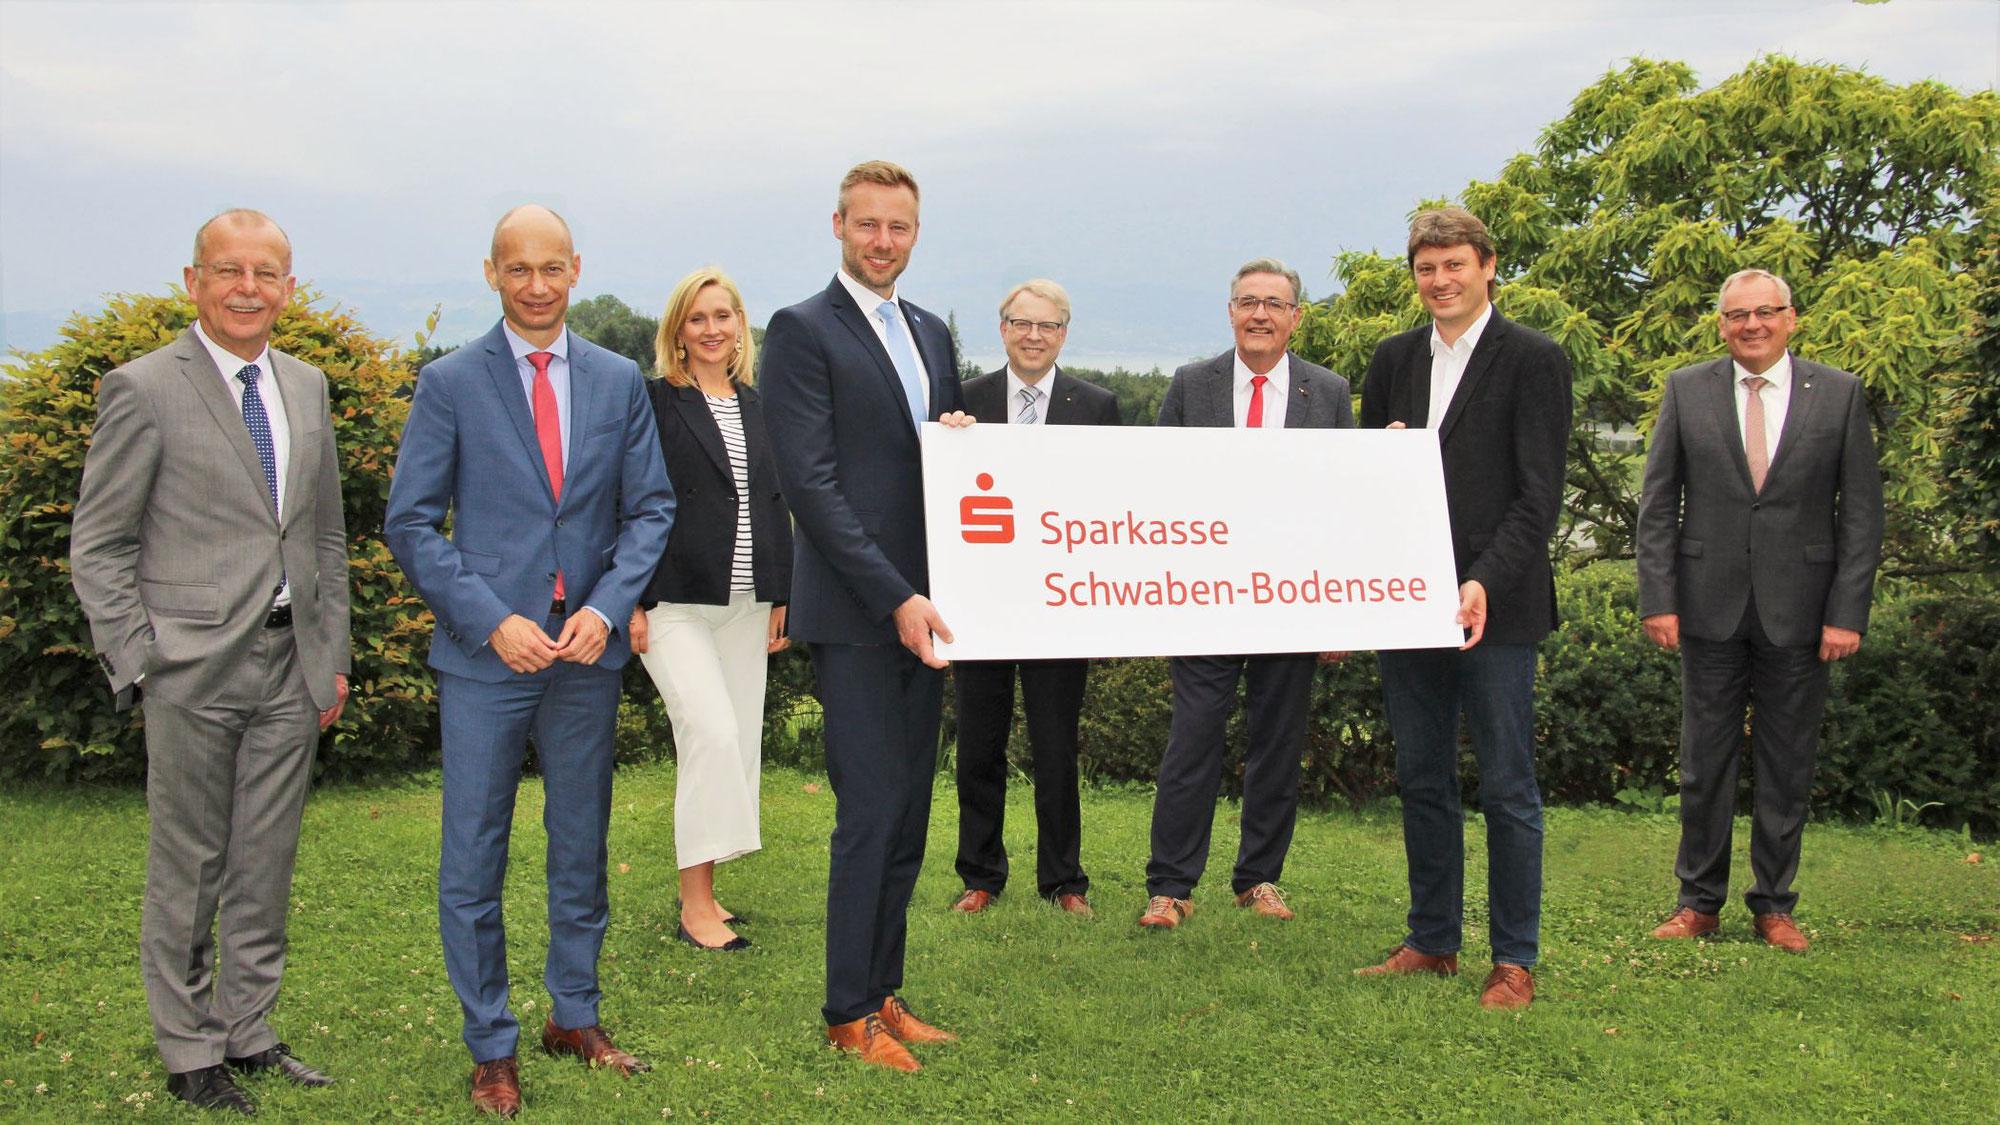 Genehmigung für die Fusion von Sparkasse Memmingen-Lindau-Mindelheim und Kreissparkasse Augsburg liegt vor